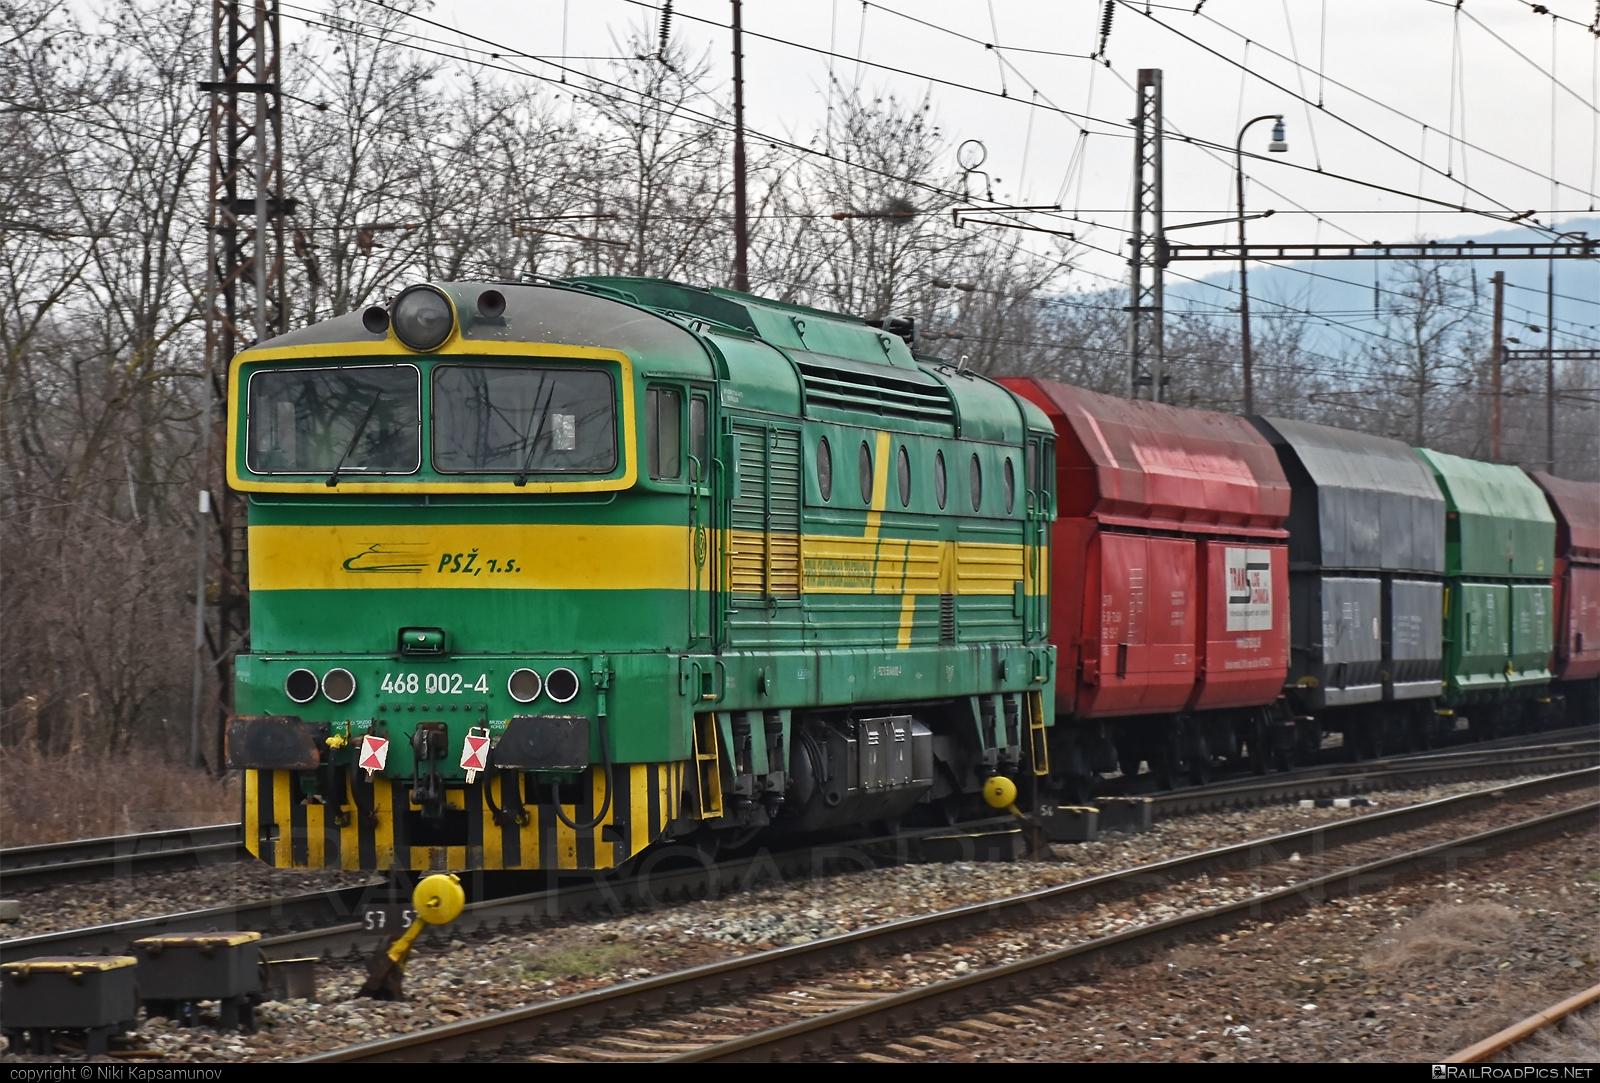 ČKD T 478.3 (753) - 468 002-4 operated by Prvá Slovenská železničná, a.s. #brejlovec #ckd #ckdclass753 #ckdt4783 #hopperwagon #locomotive753 #okuliarnik #prvaslovenskazeleznicna #prvaslovenskazeleznicnaas #psz